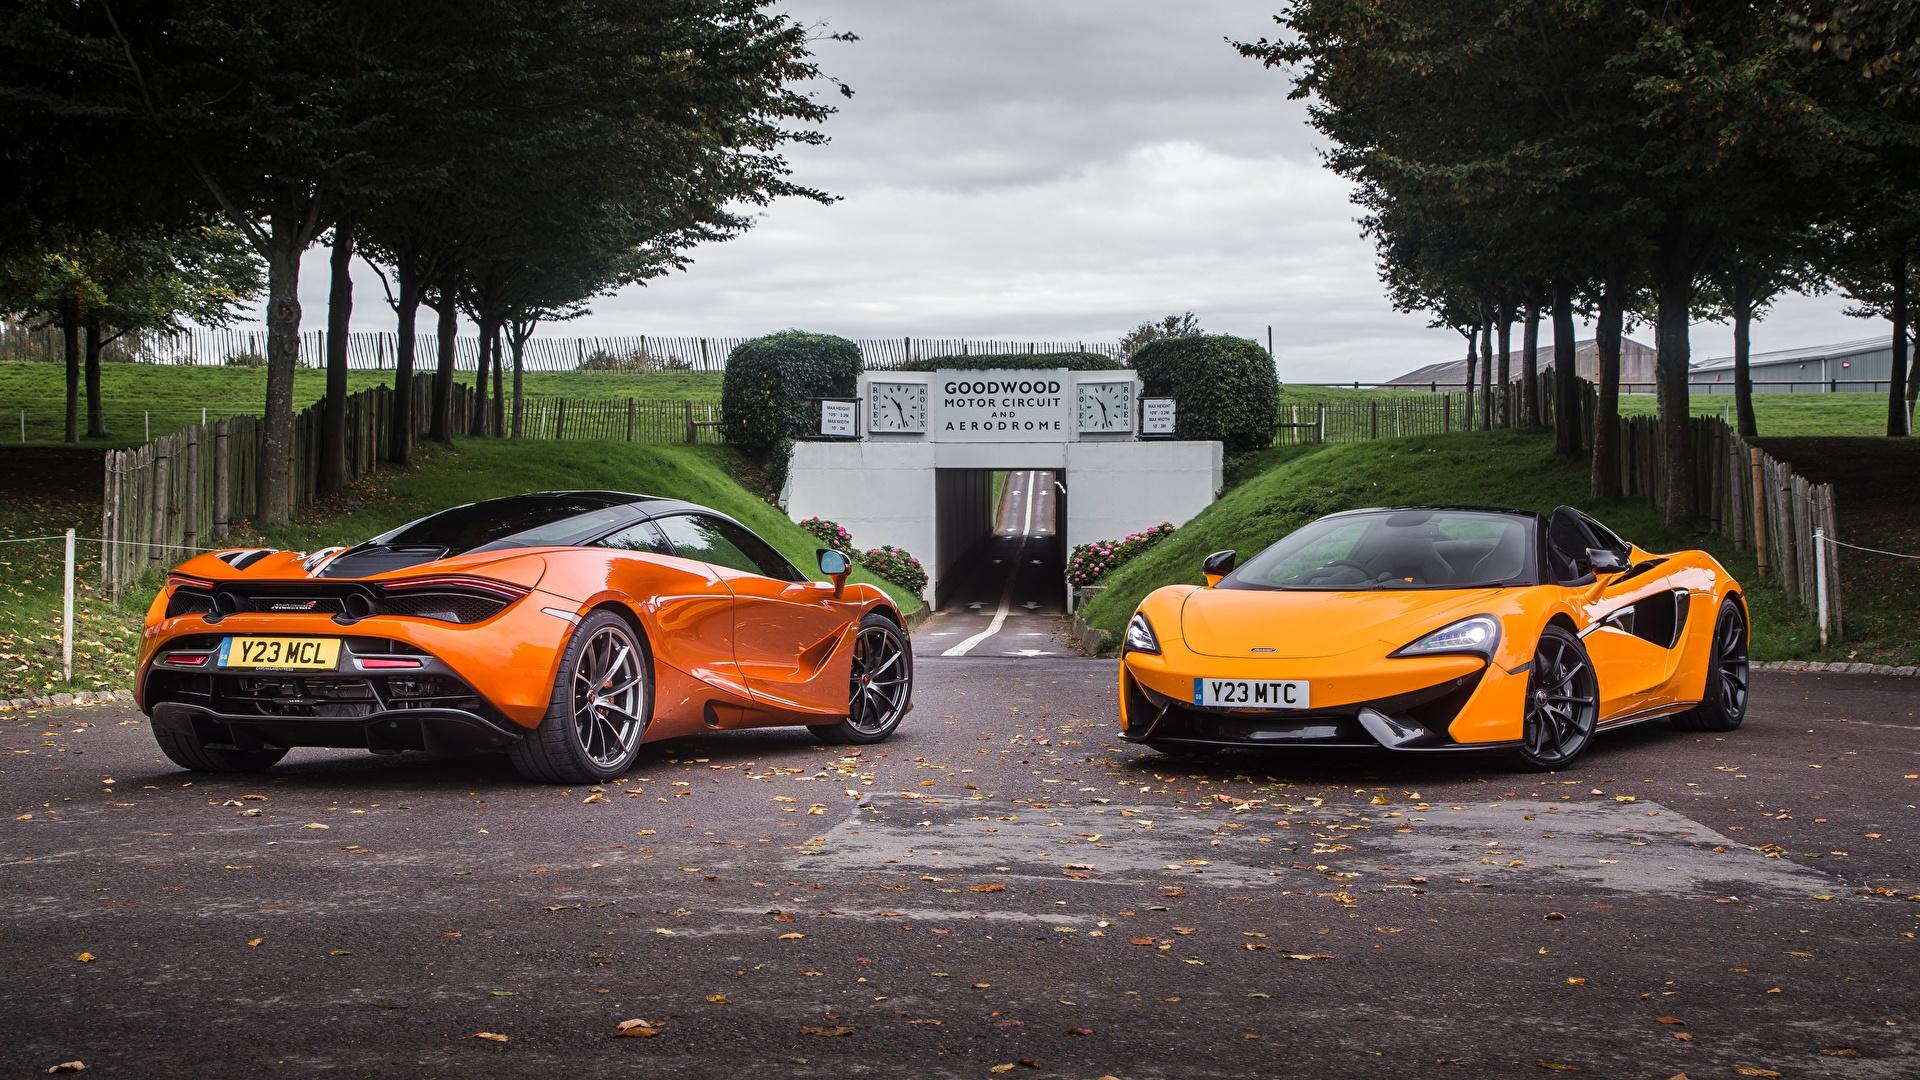 Фотография McLaren Двое Оранжевый Машины Металлик 1920x1080 Макларен 2 вдвоем оранжевых оранжевая оранжевые Авто Автомобили